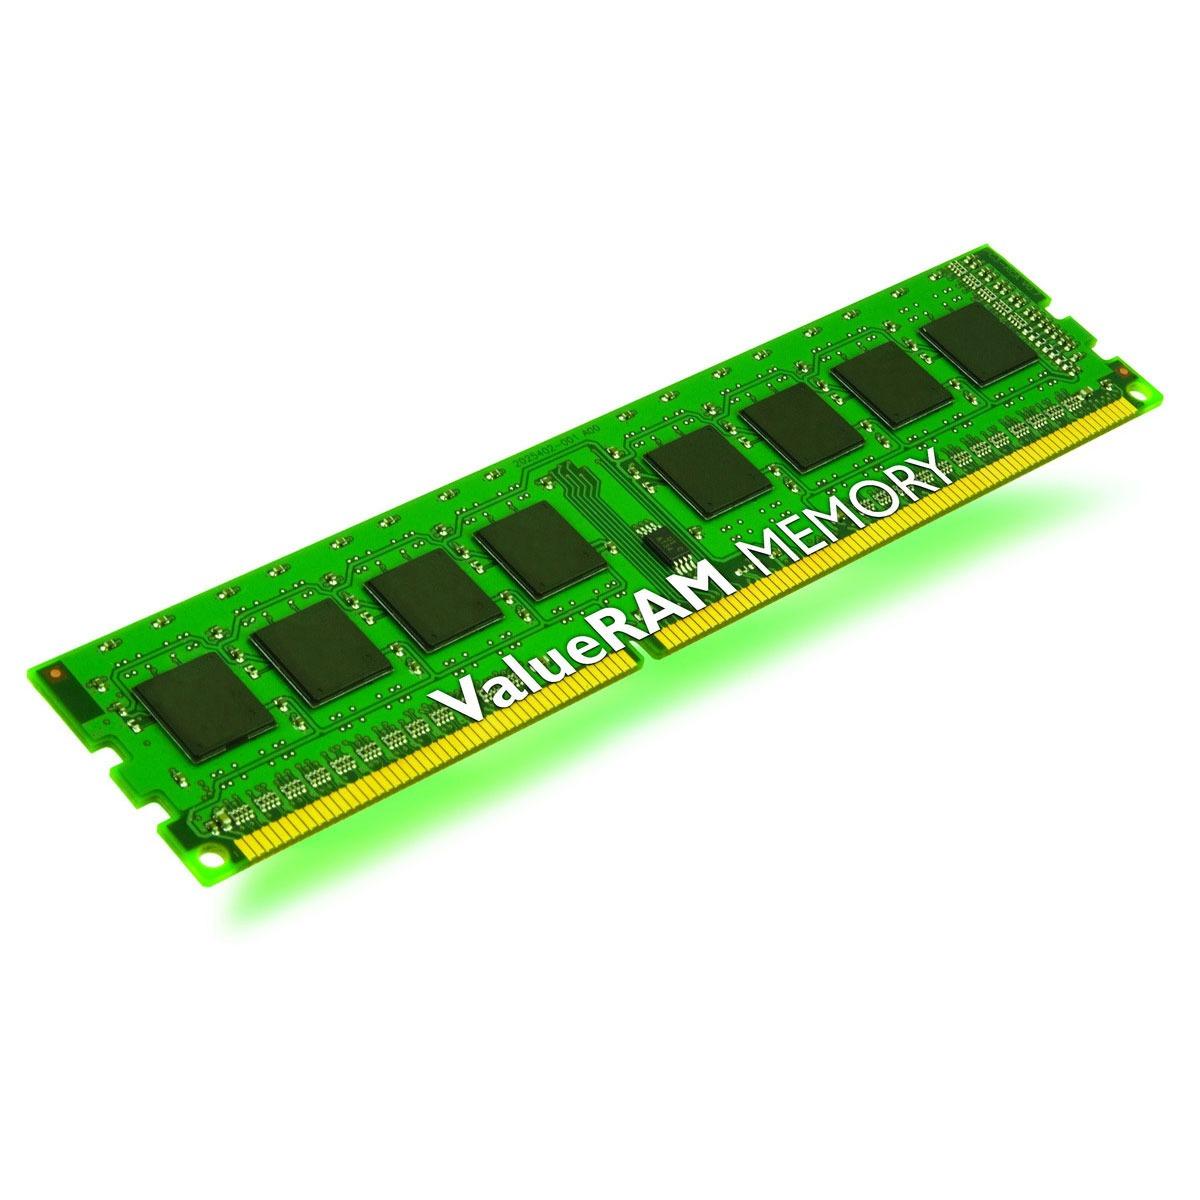 Mémoire PC Kingston ValueRAM 4 Go DDR3 1333 MHz ECC Registered Kingston ValueRAM 4 Go DDR3-SDRAM PC3-10600 ECC Registered CL9 - KVR1333D3D8R9S/4G (garantie 10 ans par Kingston)